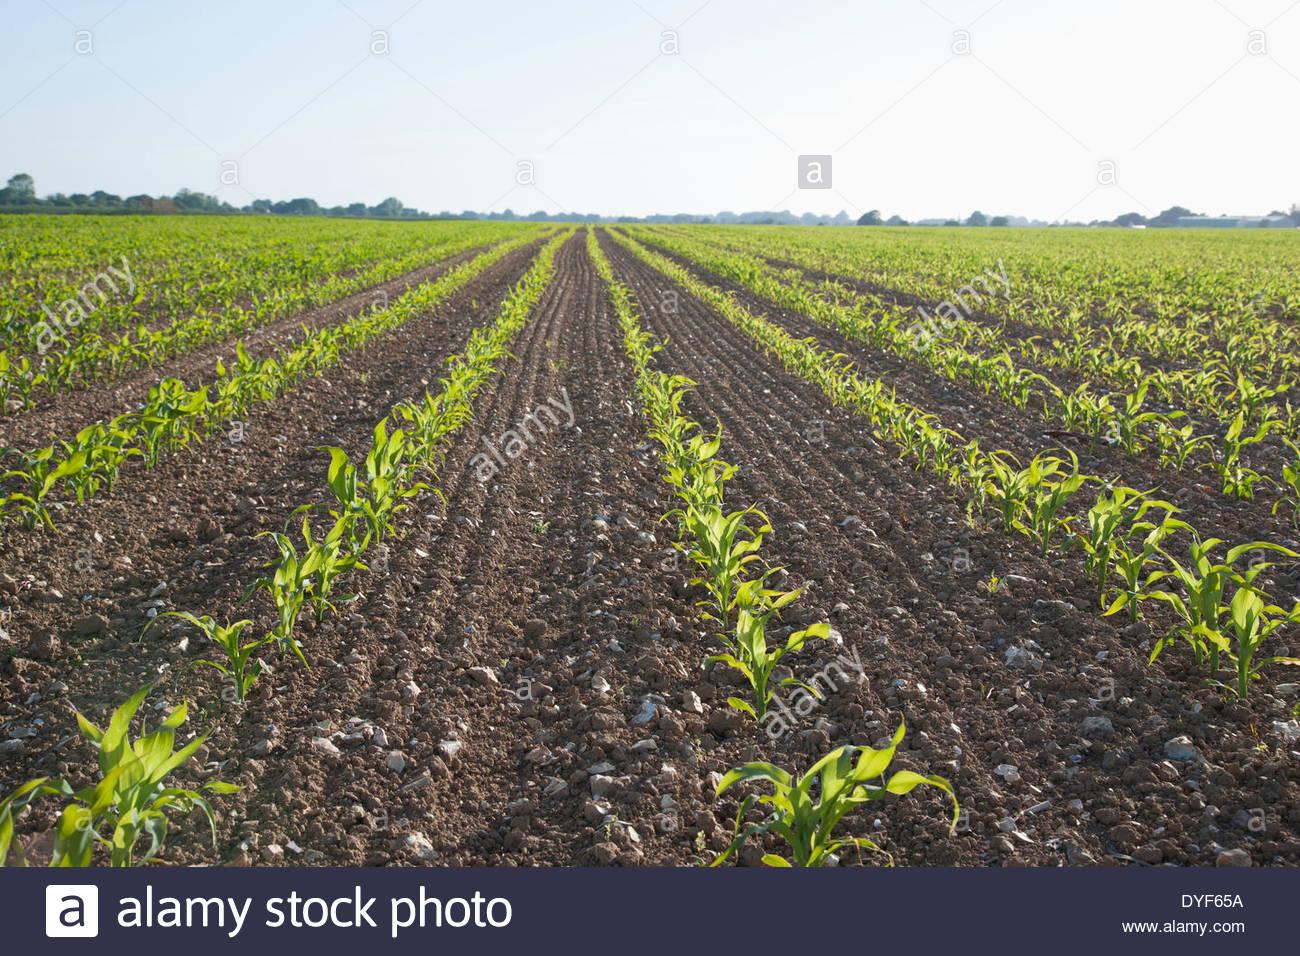 Les plantes qui poussent dans le champ Photo Stock